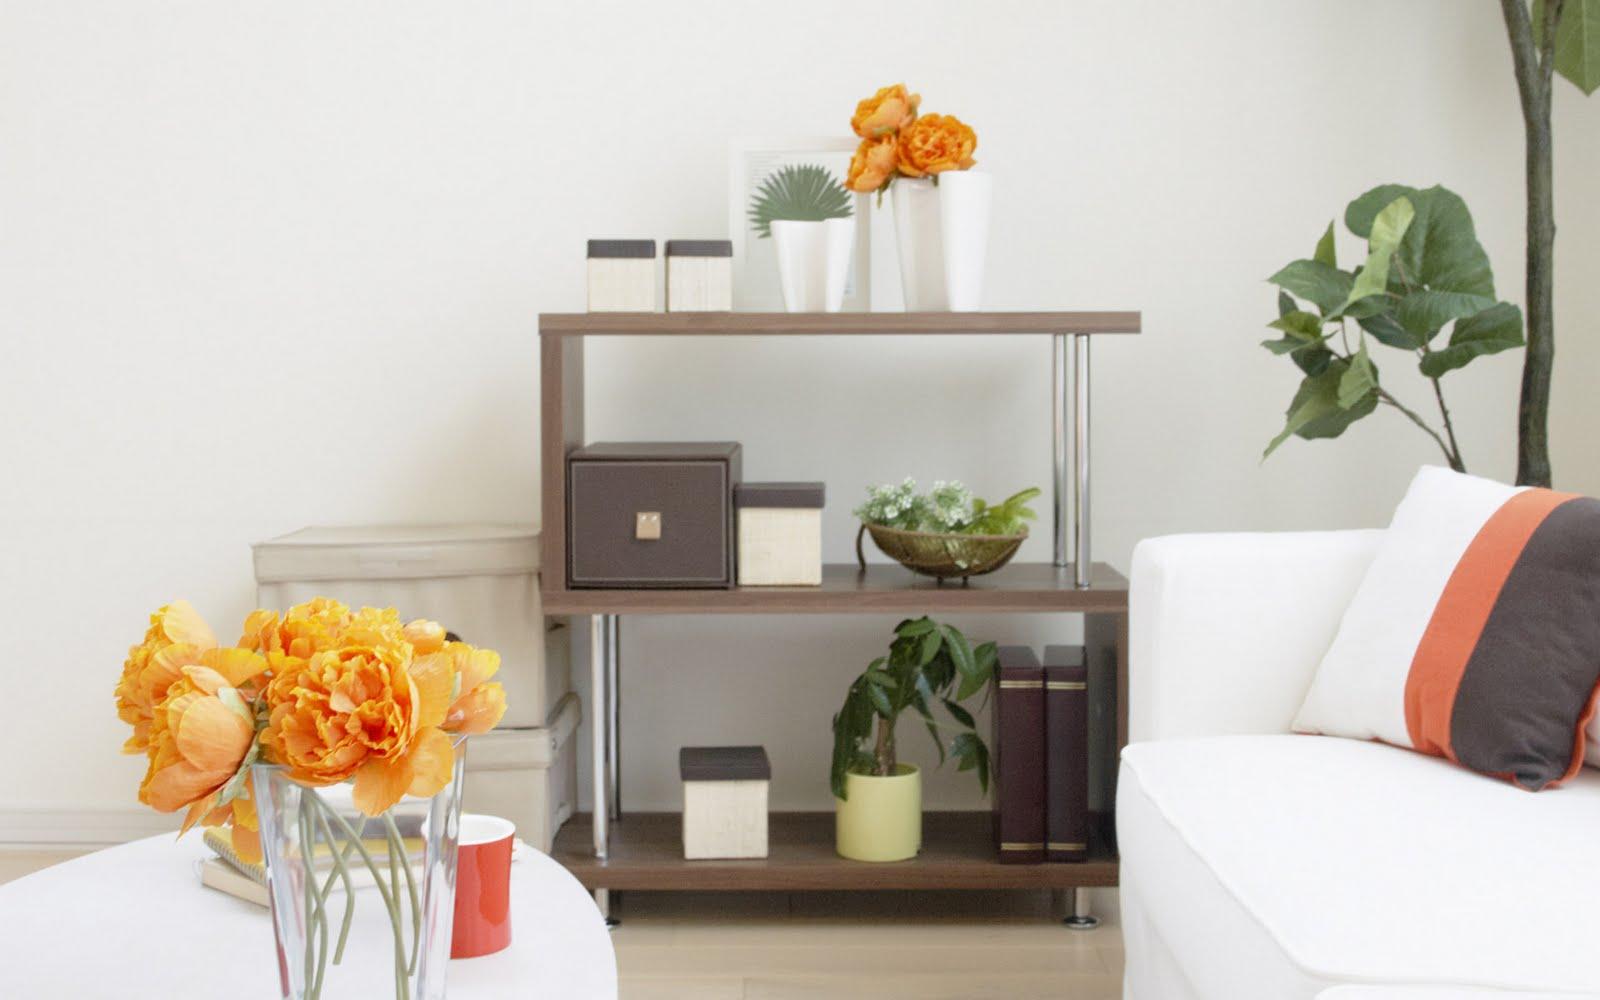 Amor de amistad dise o de interiores i 20 ideas para for Ideas para decorar tu hogar